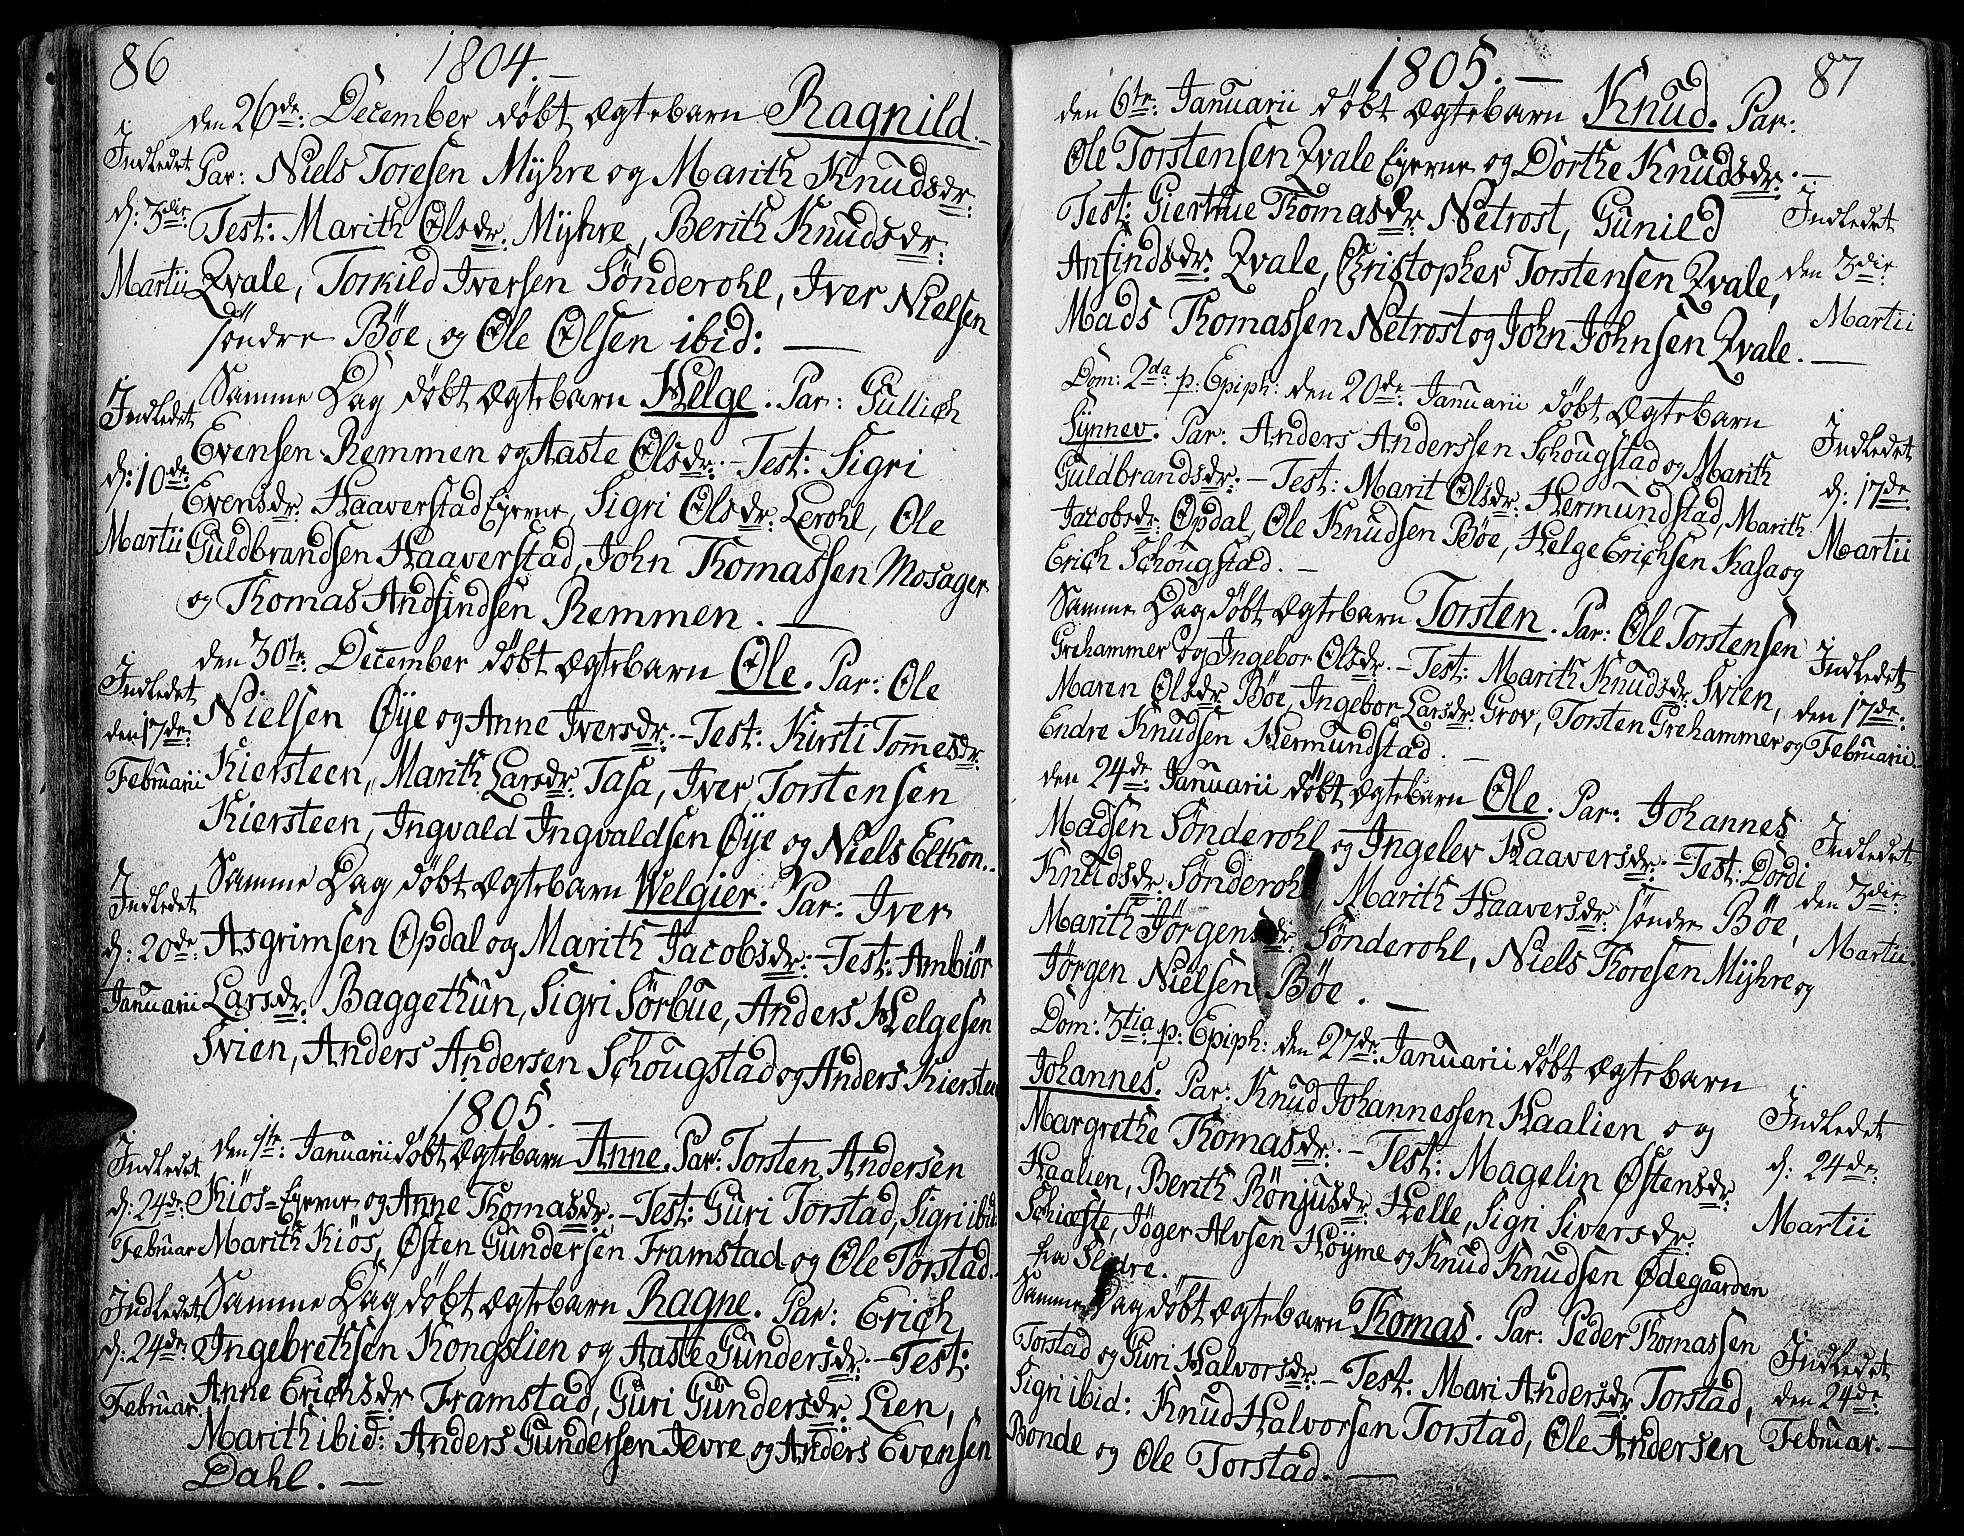 SAH, Vang prestekontor, Valdres, Ministerialbok nr. 2, 1796-1808, s. 86-87